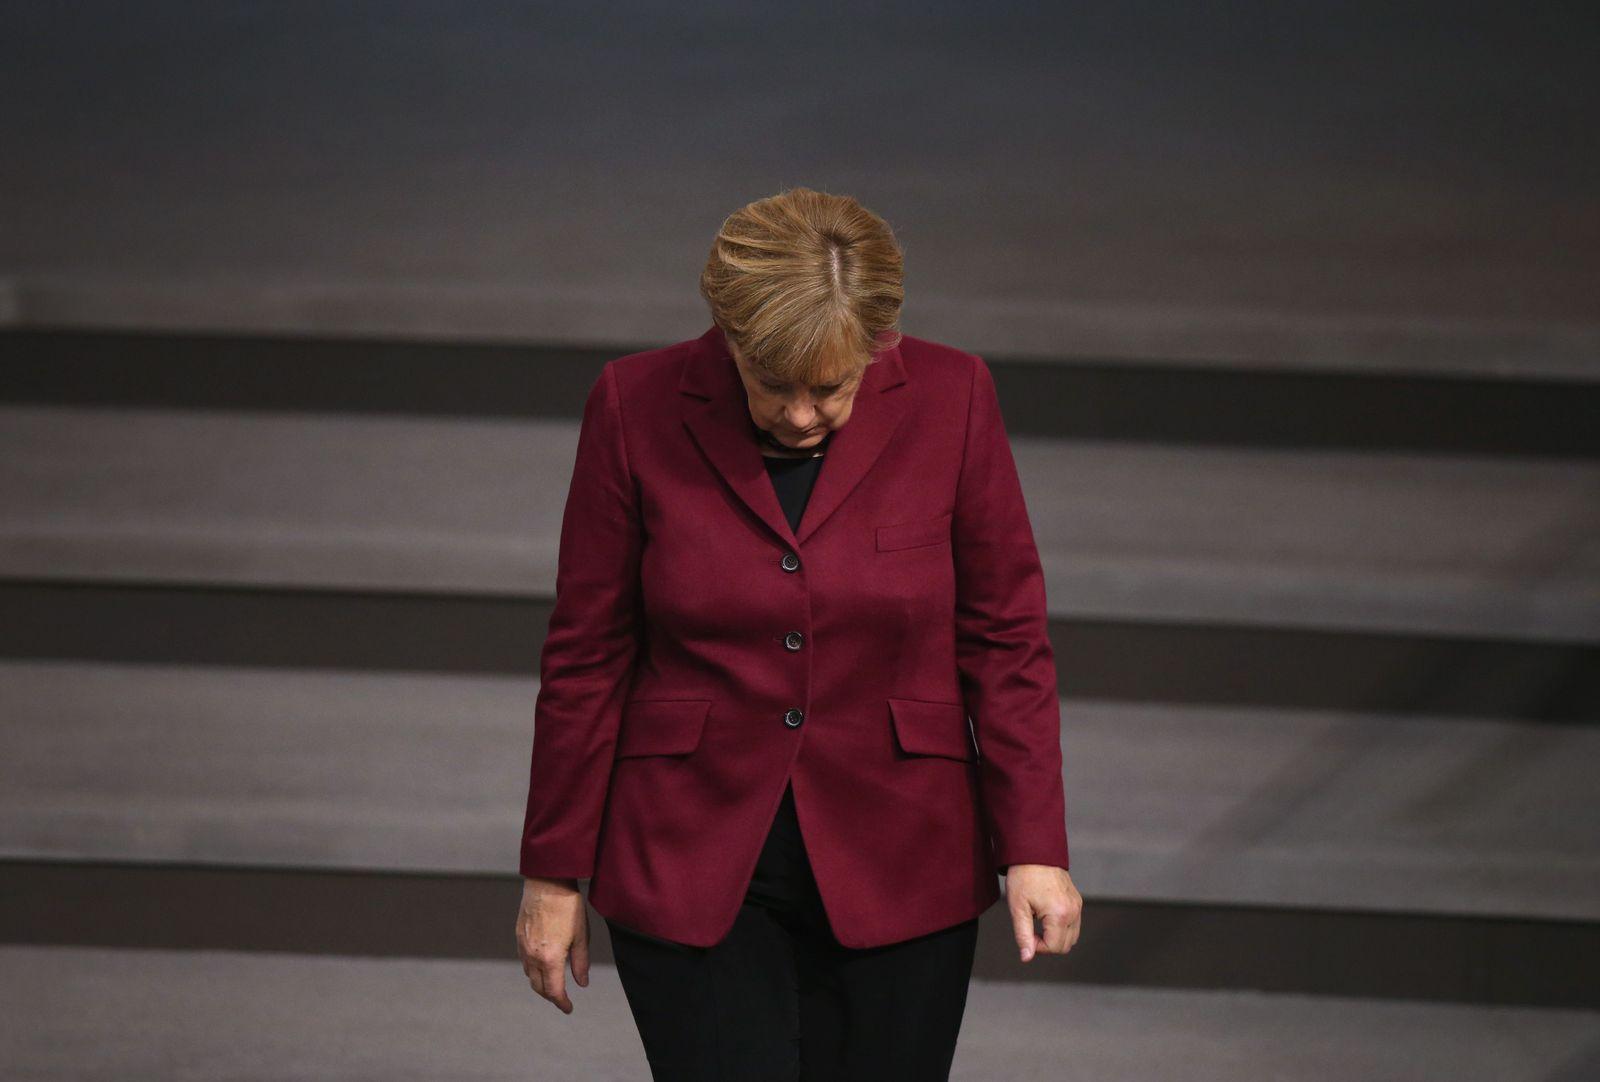 DER SPIEGEL 45/2015 pp.16 Merkels Kurs